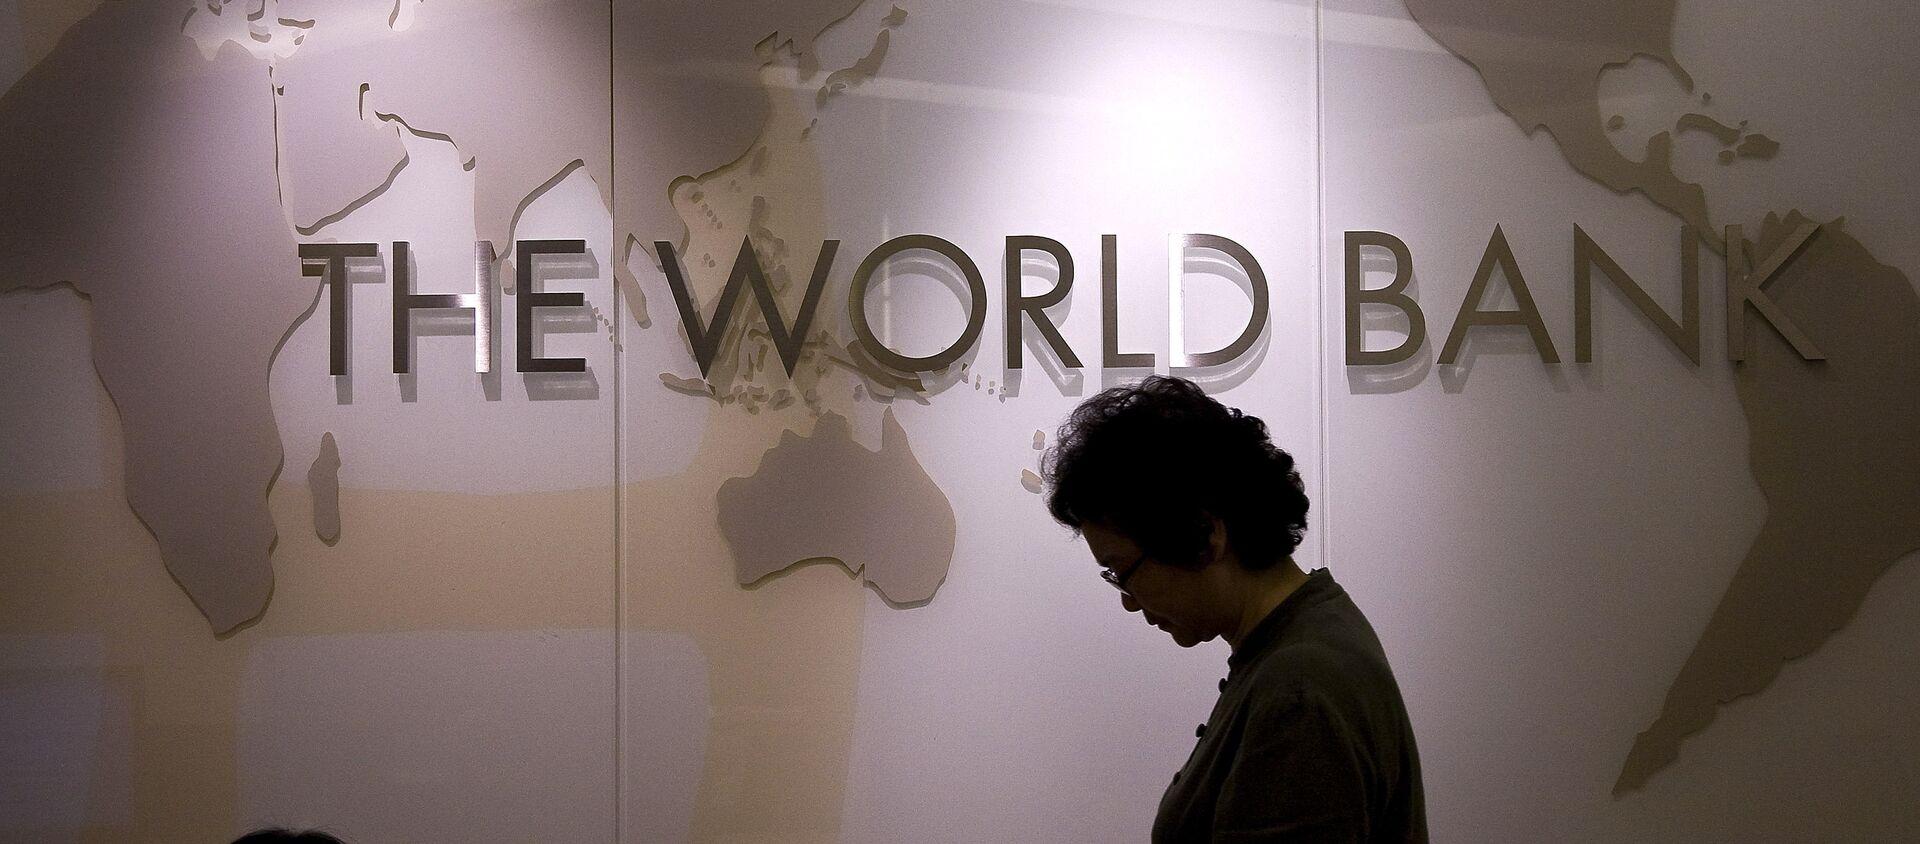 მსოფლიო ბანკი - Sputnik საქართველო, 1920, 01.04.2021